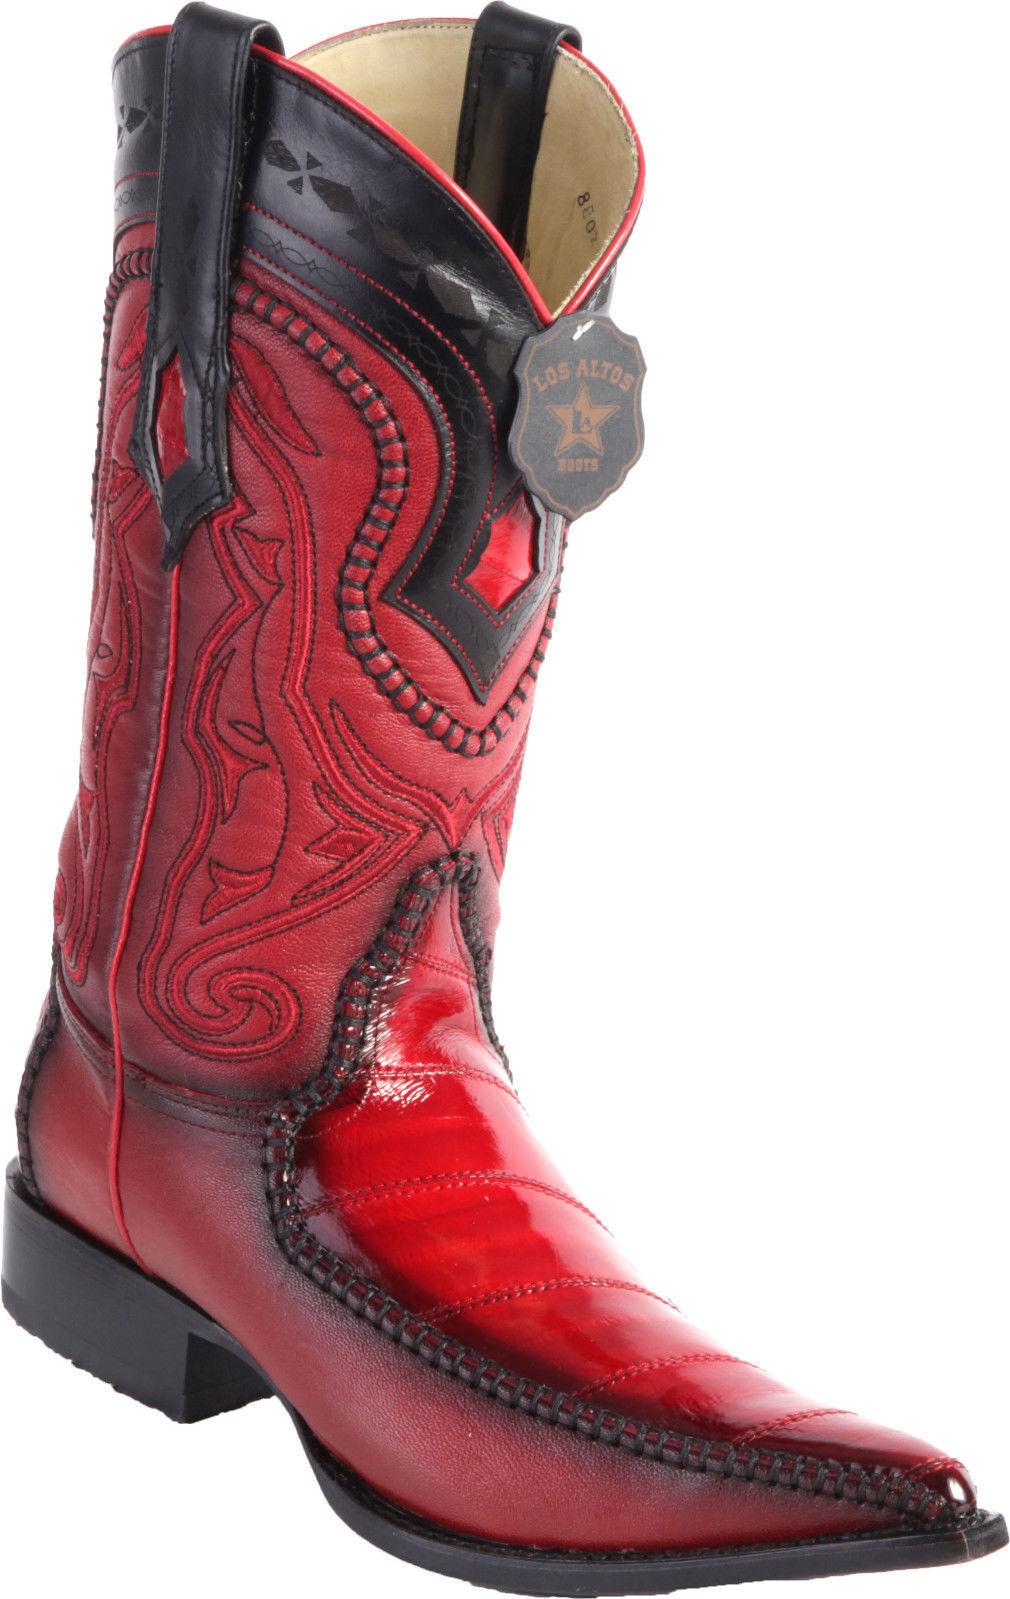 Los altos hombres Rojo Original Bota Puntera Western Cowboy Anguila 3X EE +